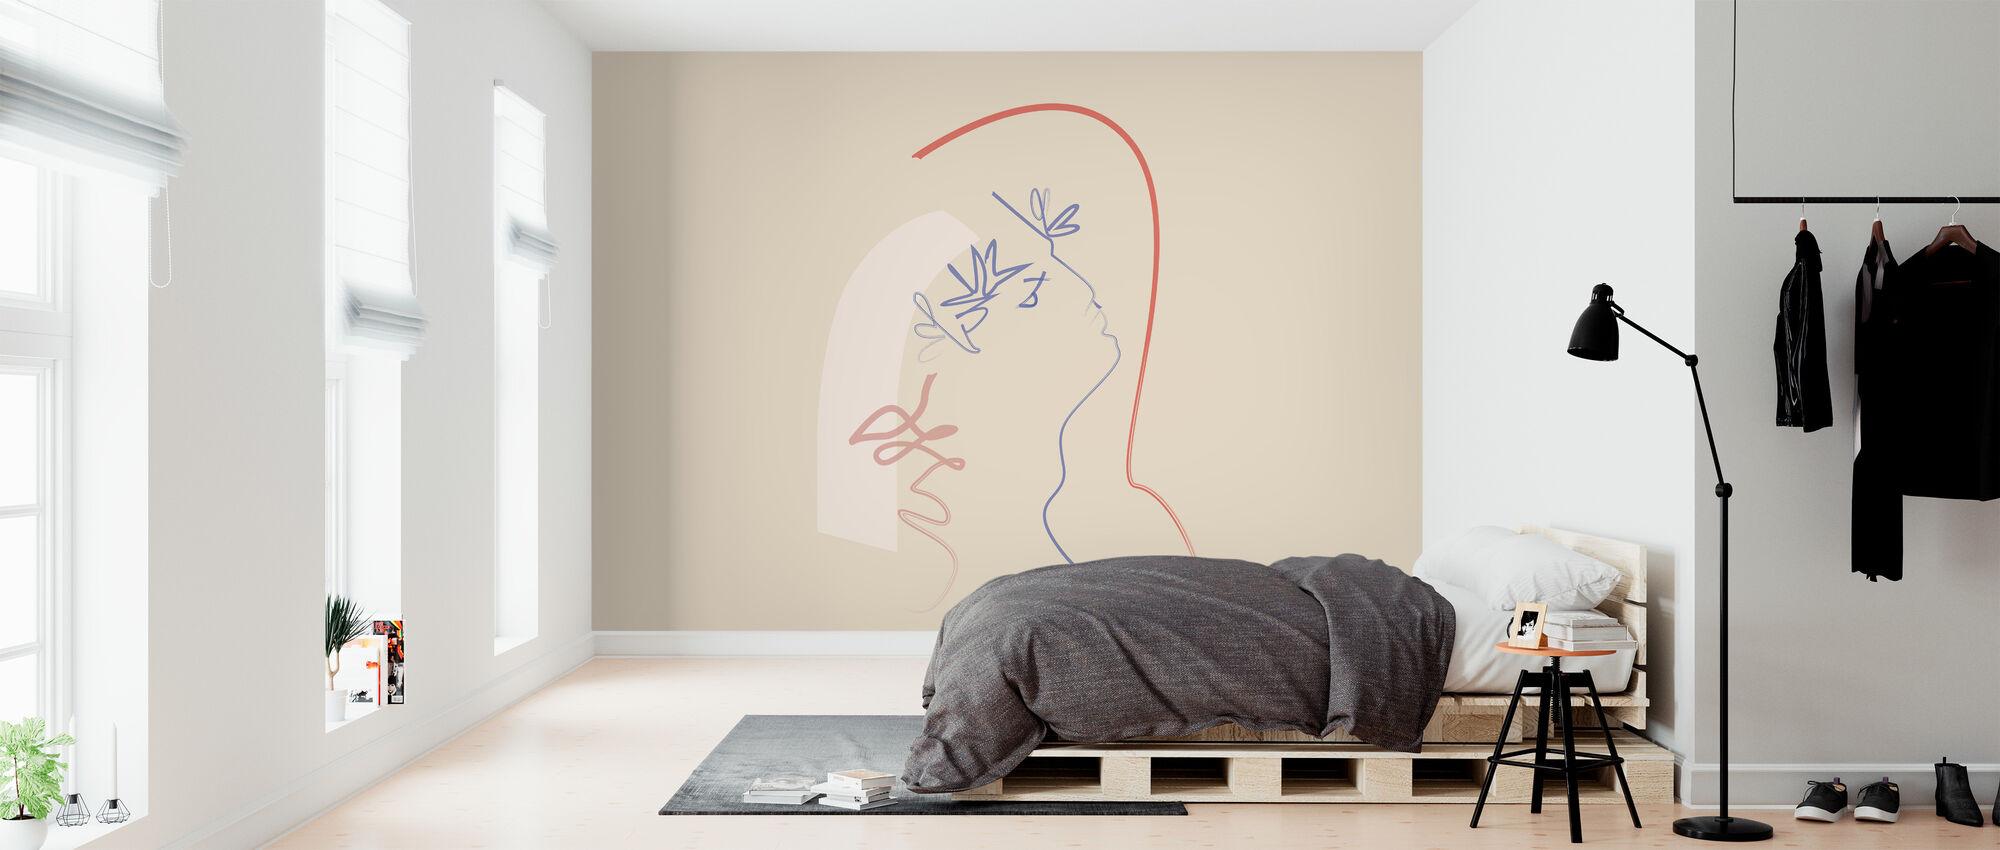 Kussen uit de hemel - Behang - Slaapkamer